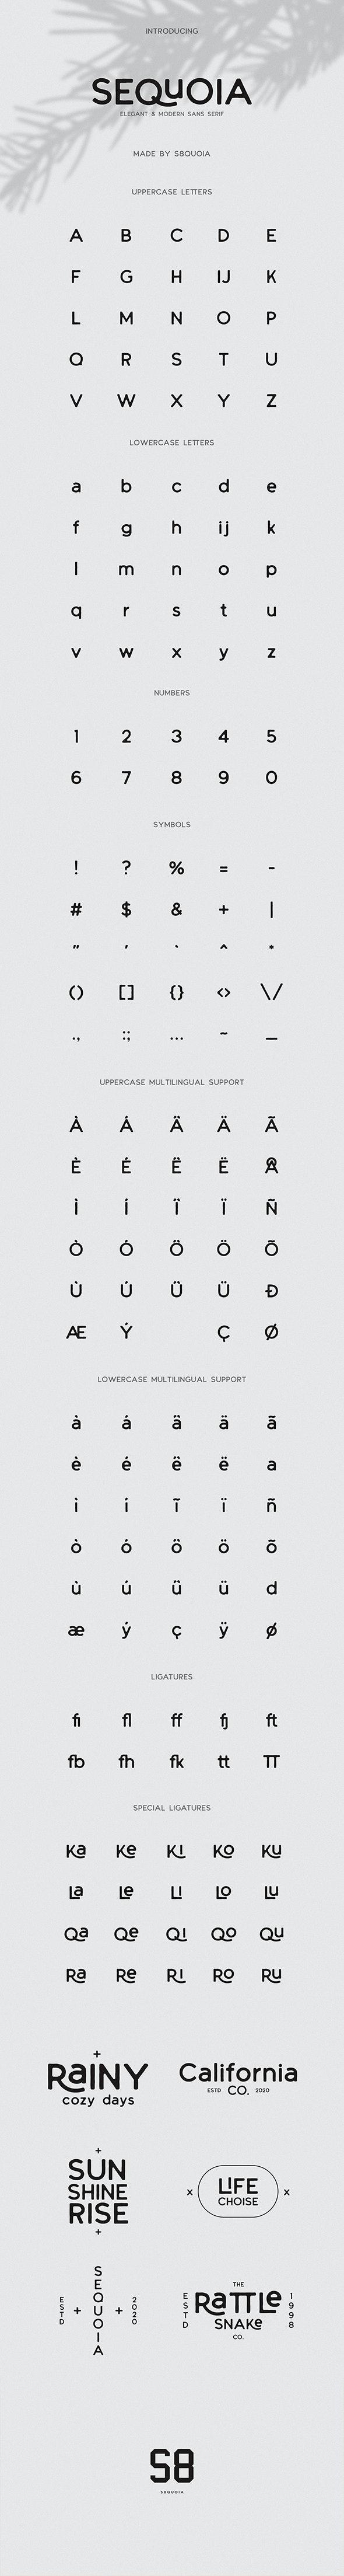 Sequoia Font / Sans Serif - Sans-Serif Fonts